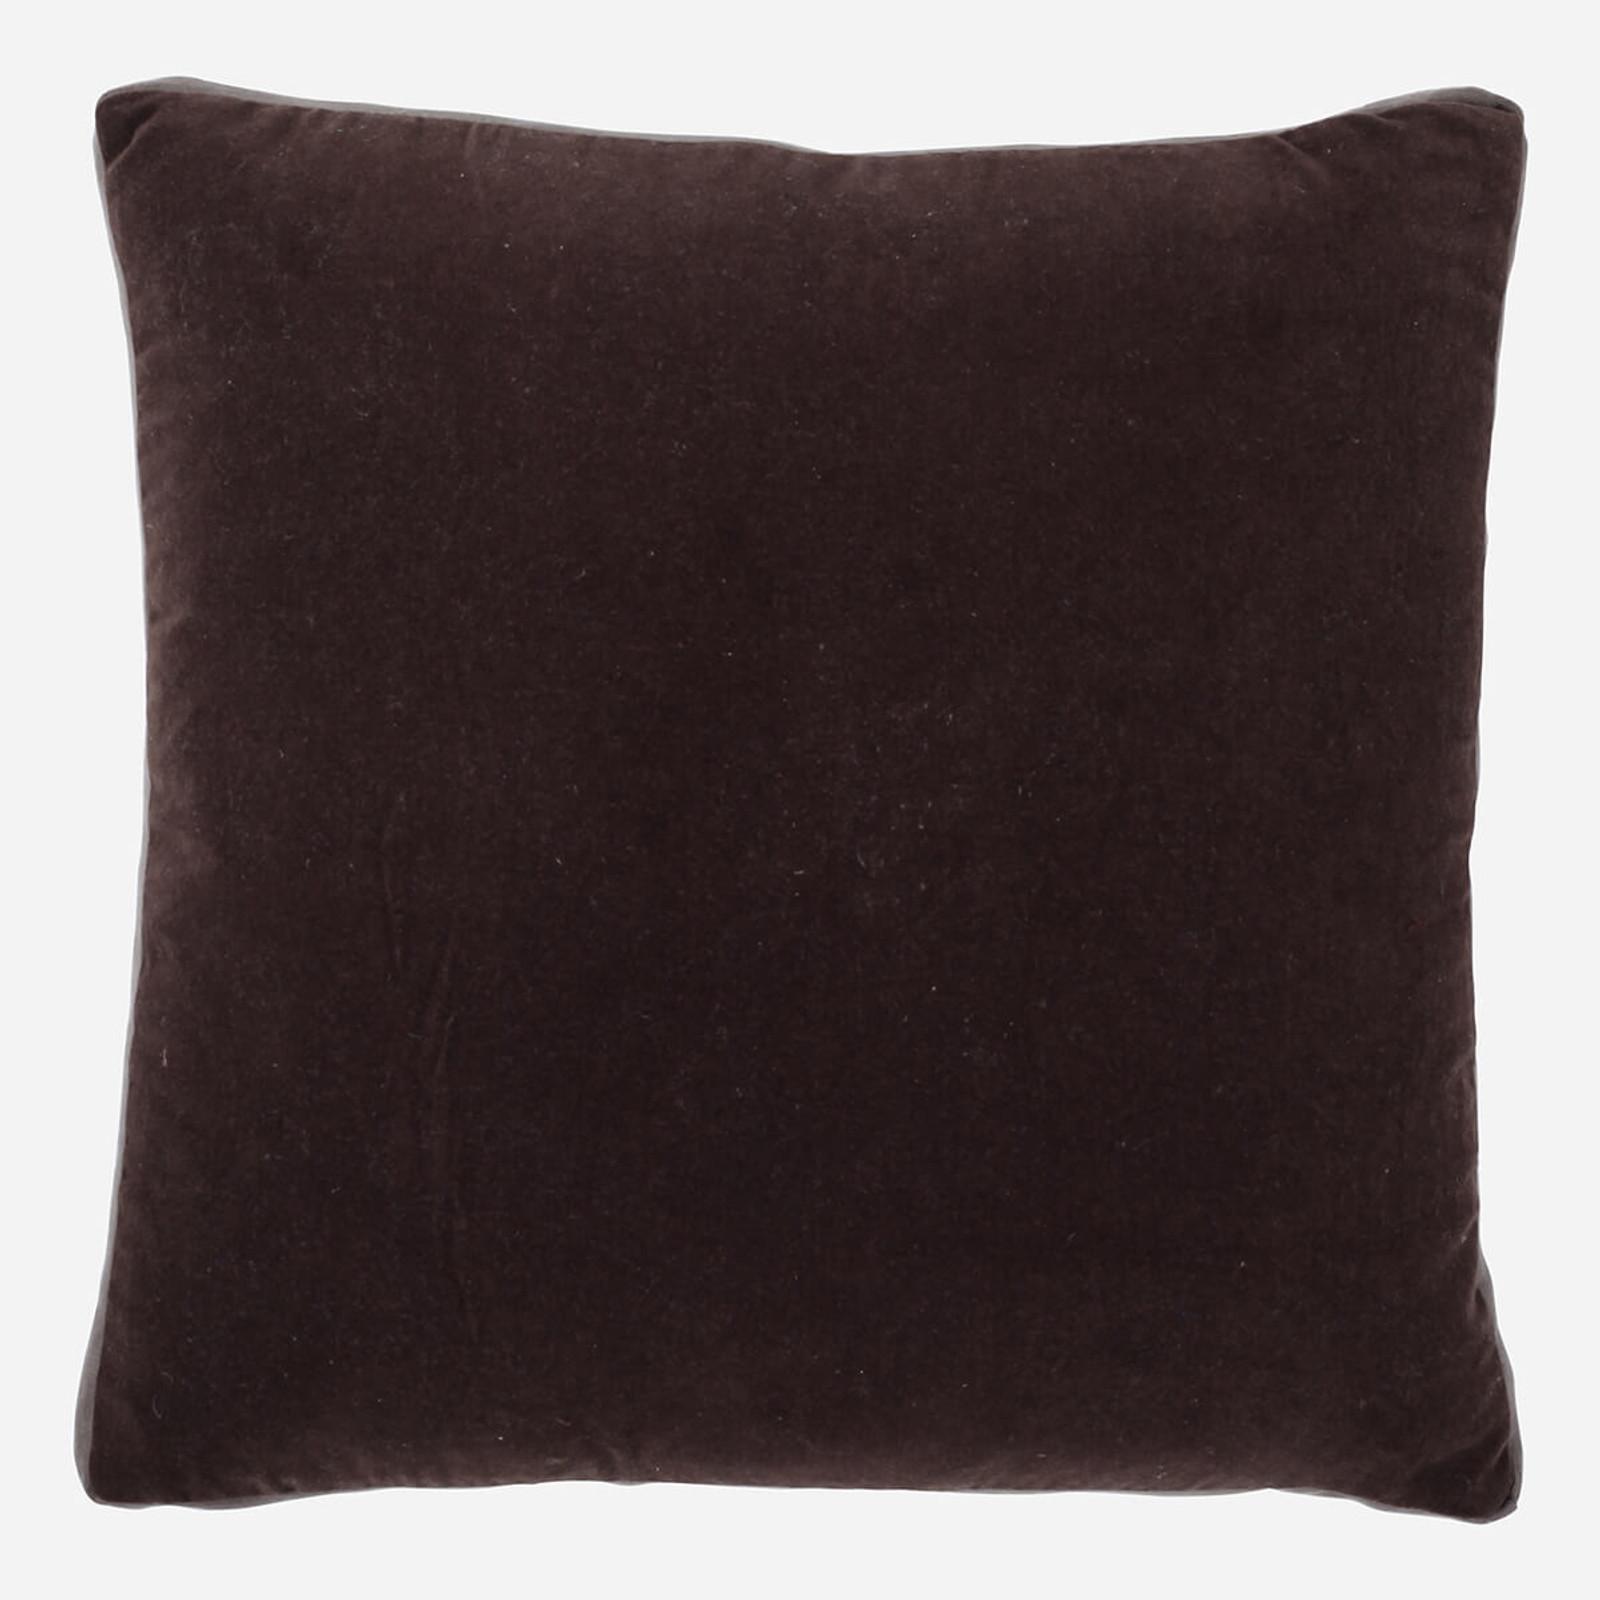 Cafe Velvet with Cafe Linen Gussett 22 x 22 Pillow